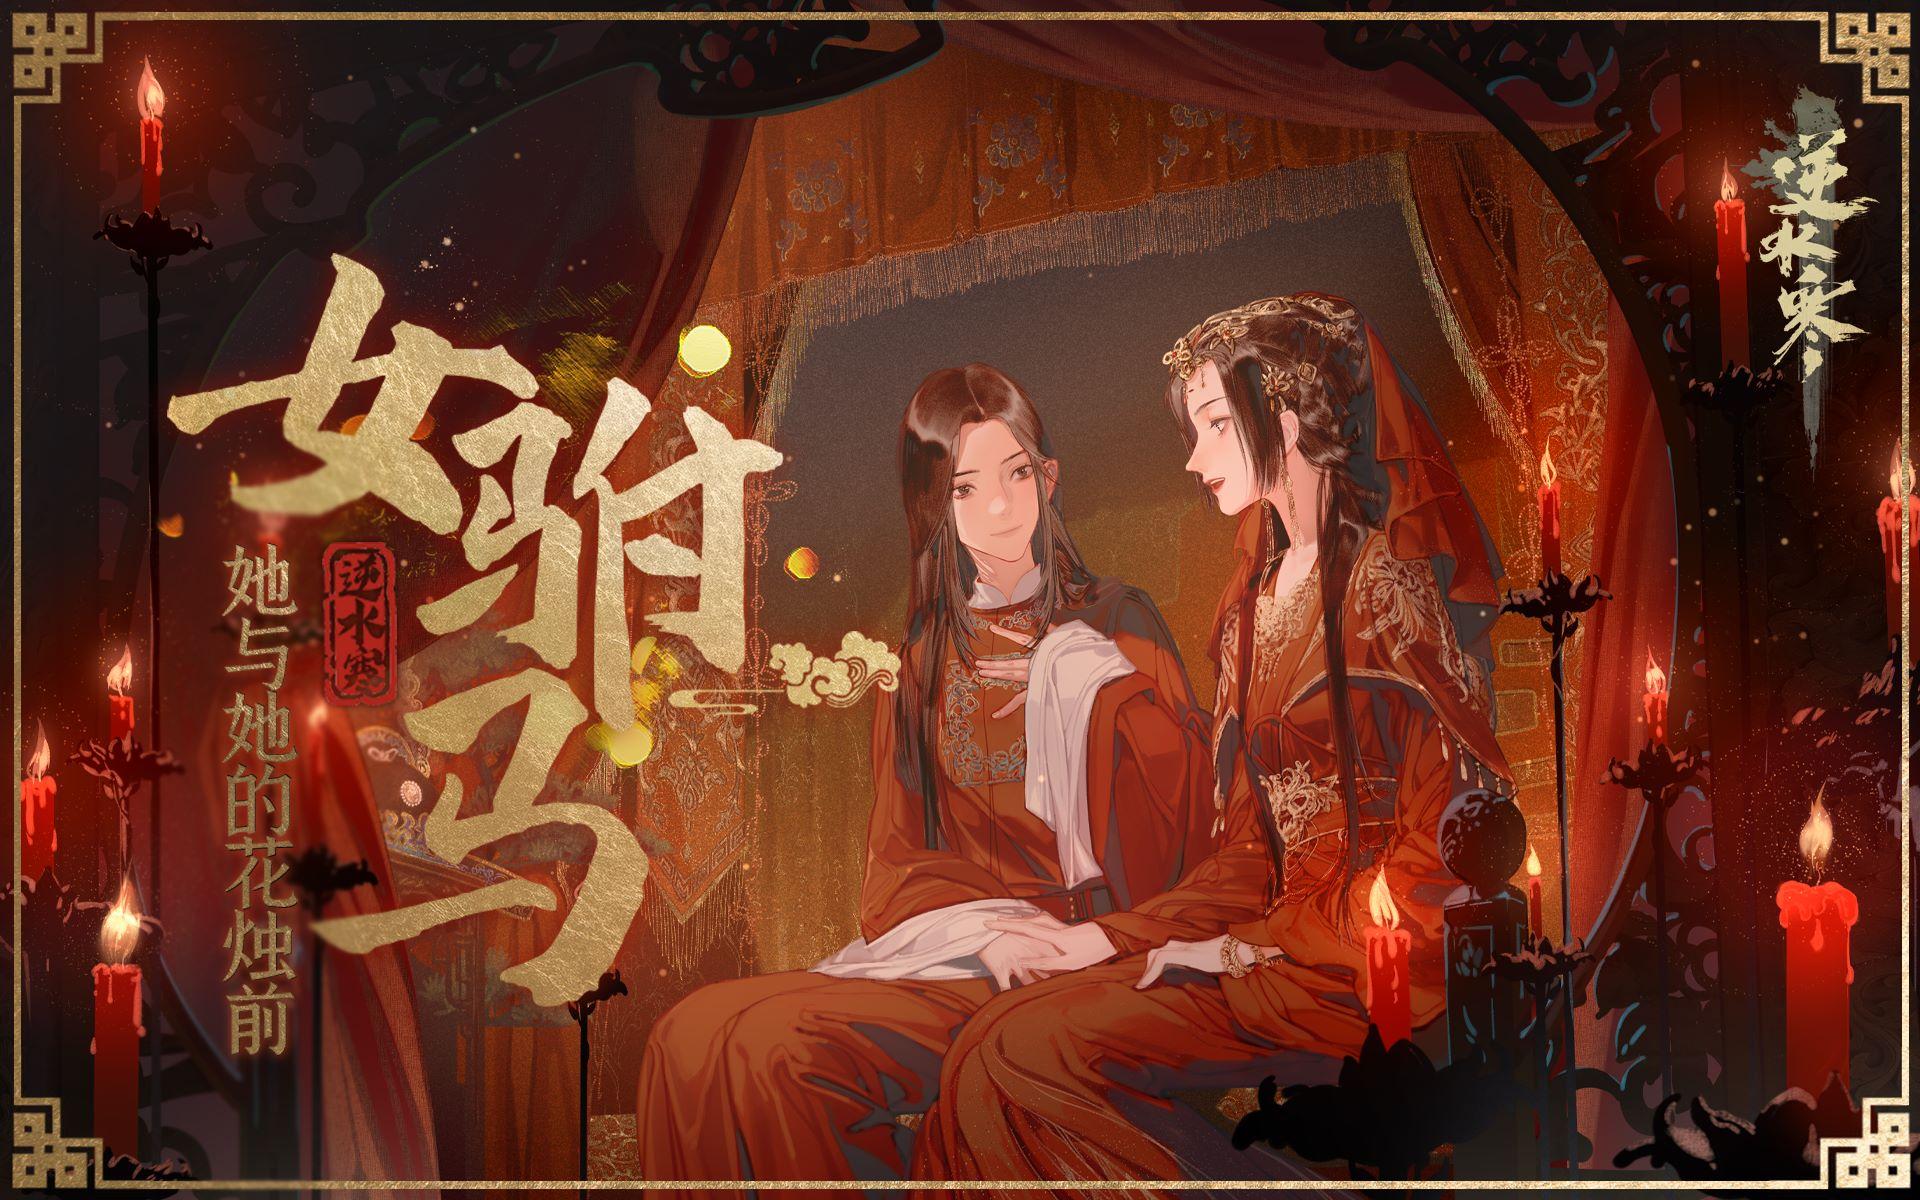 【三无X祖娅纳惜】女驸马丨她与她的花烛前(你没听过的逆水寒X黄梅戏)